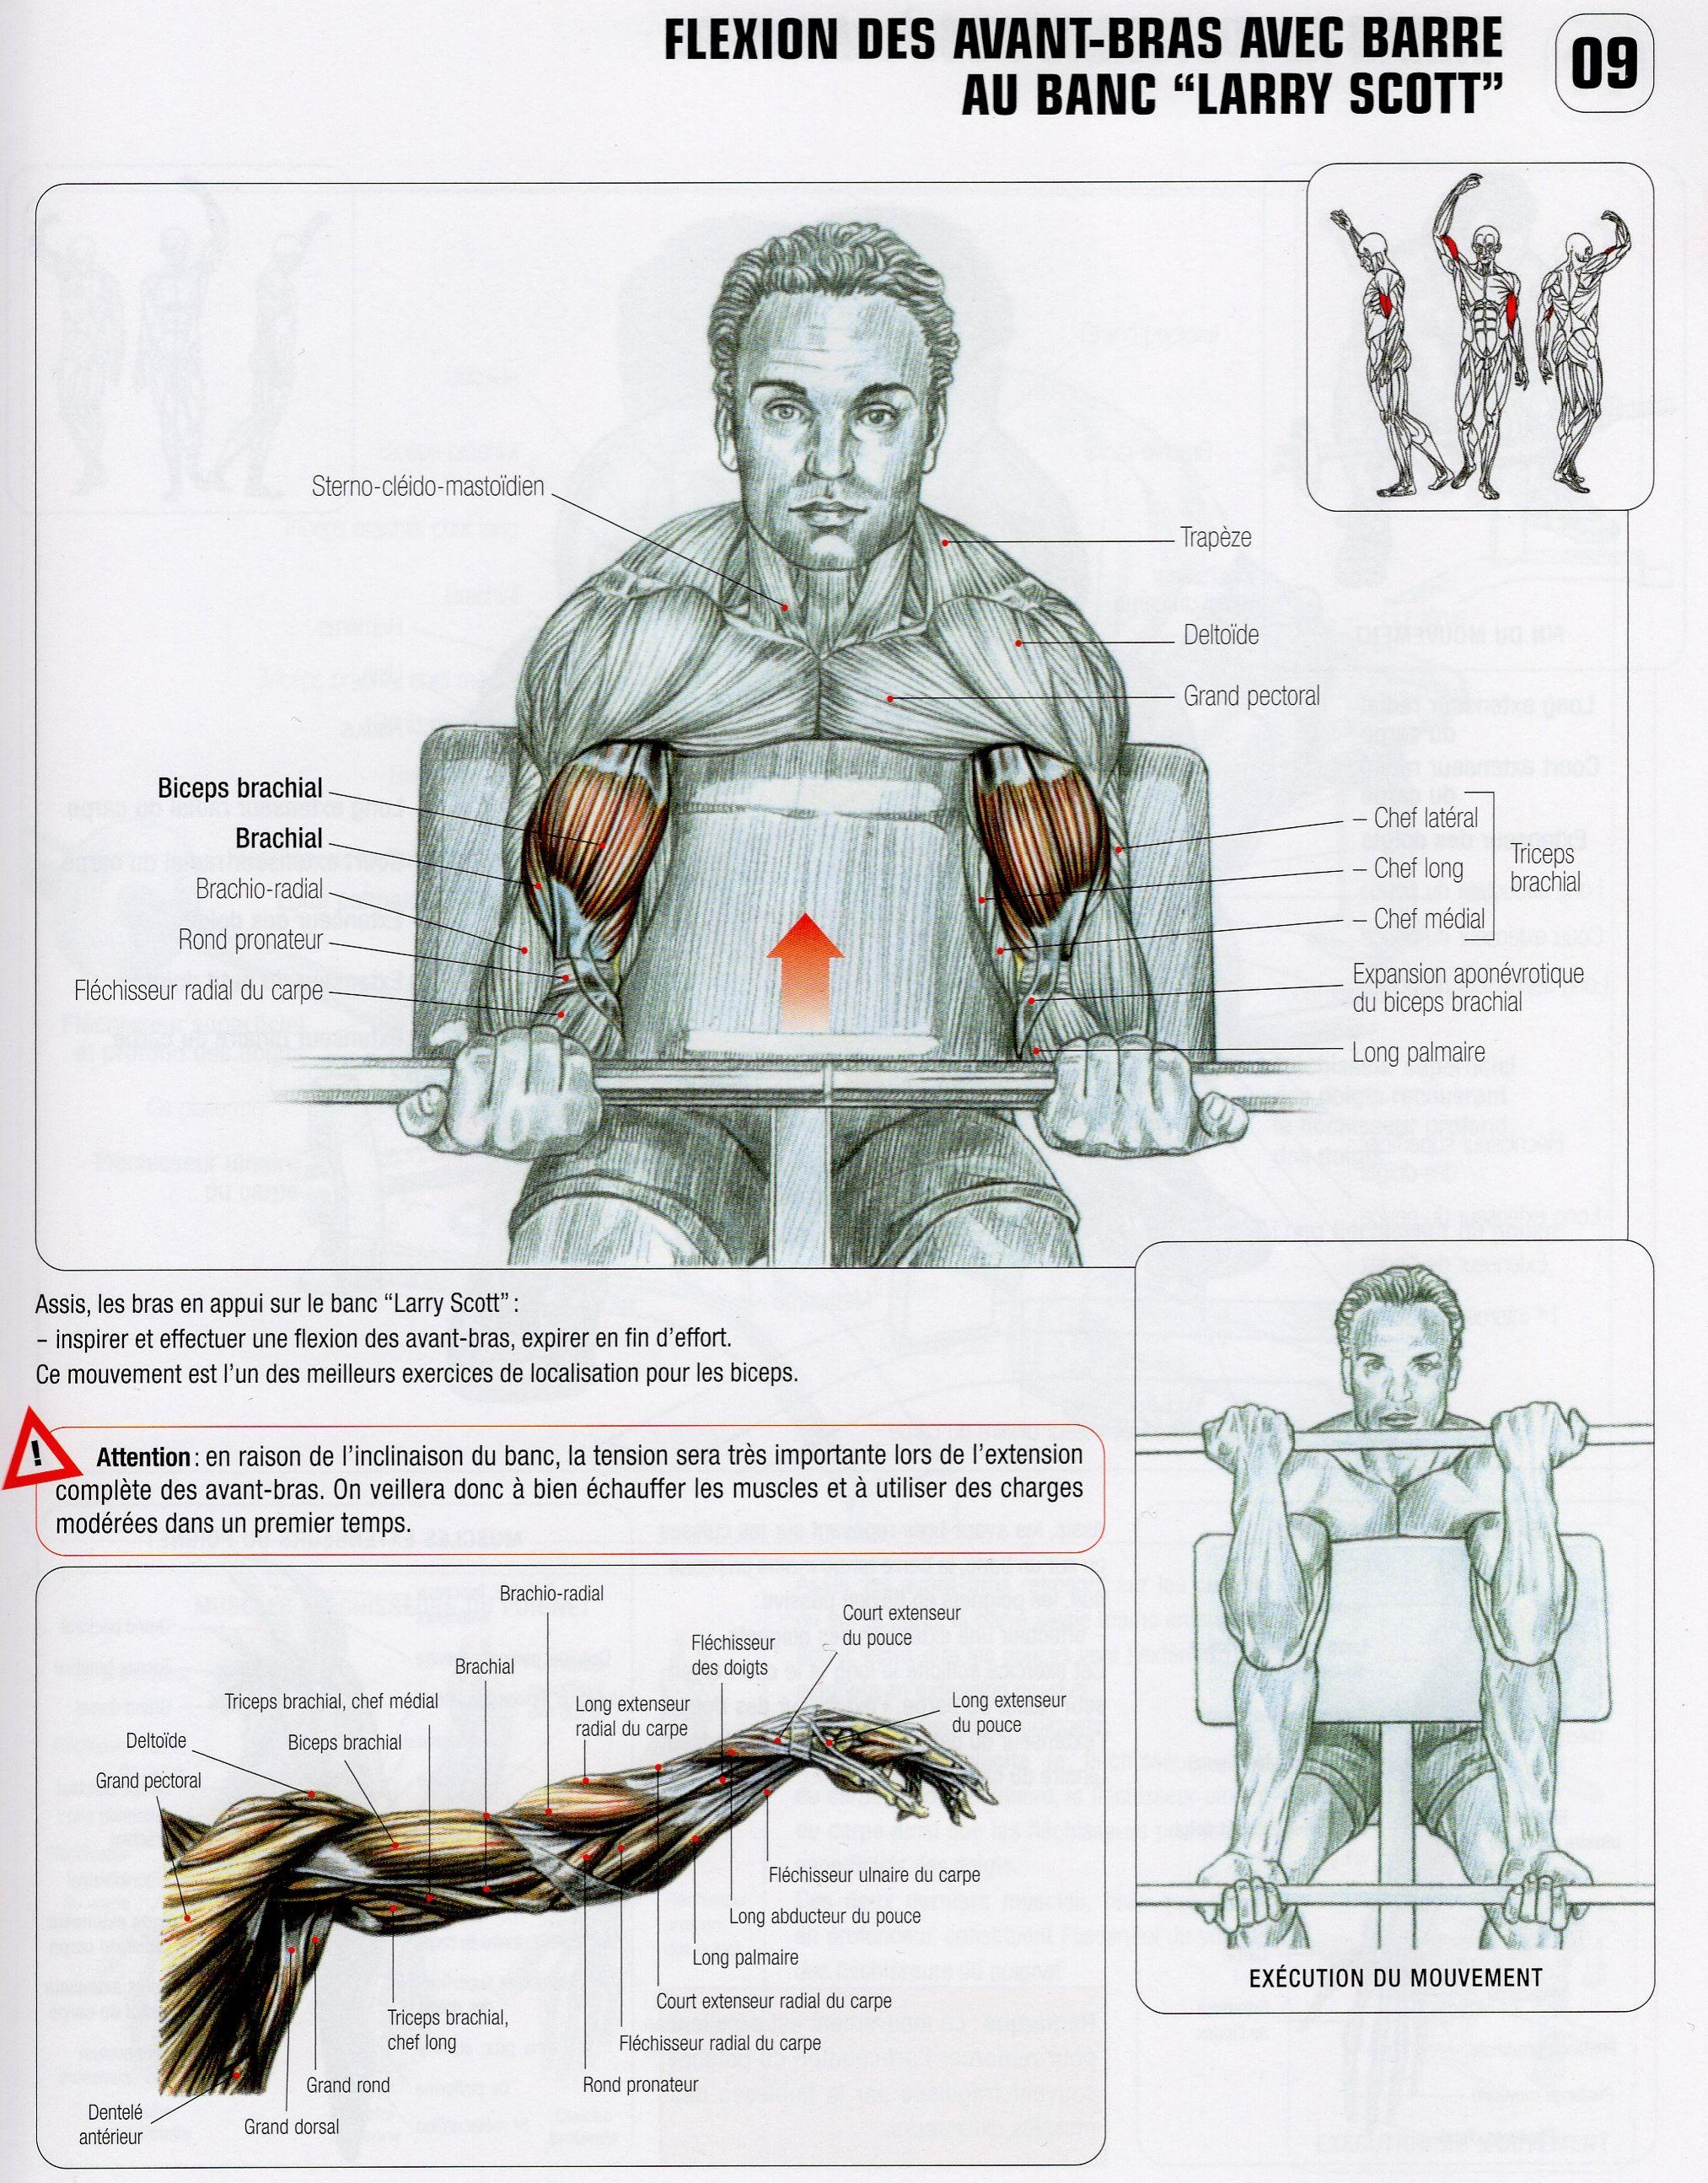 01 - Flexion des avant-bras avec barre au banc larry scott ...